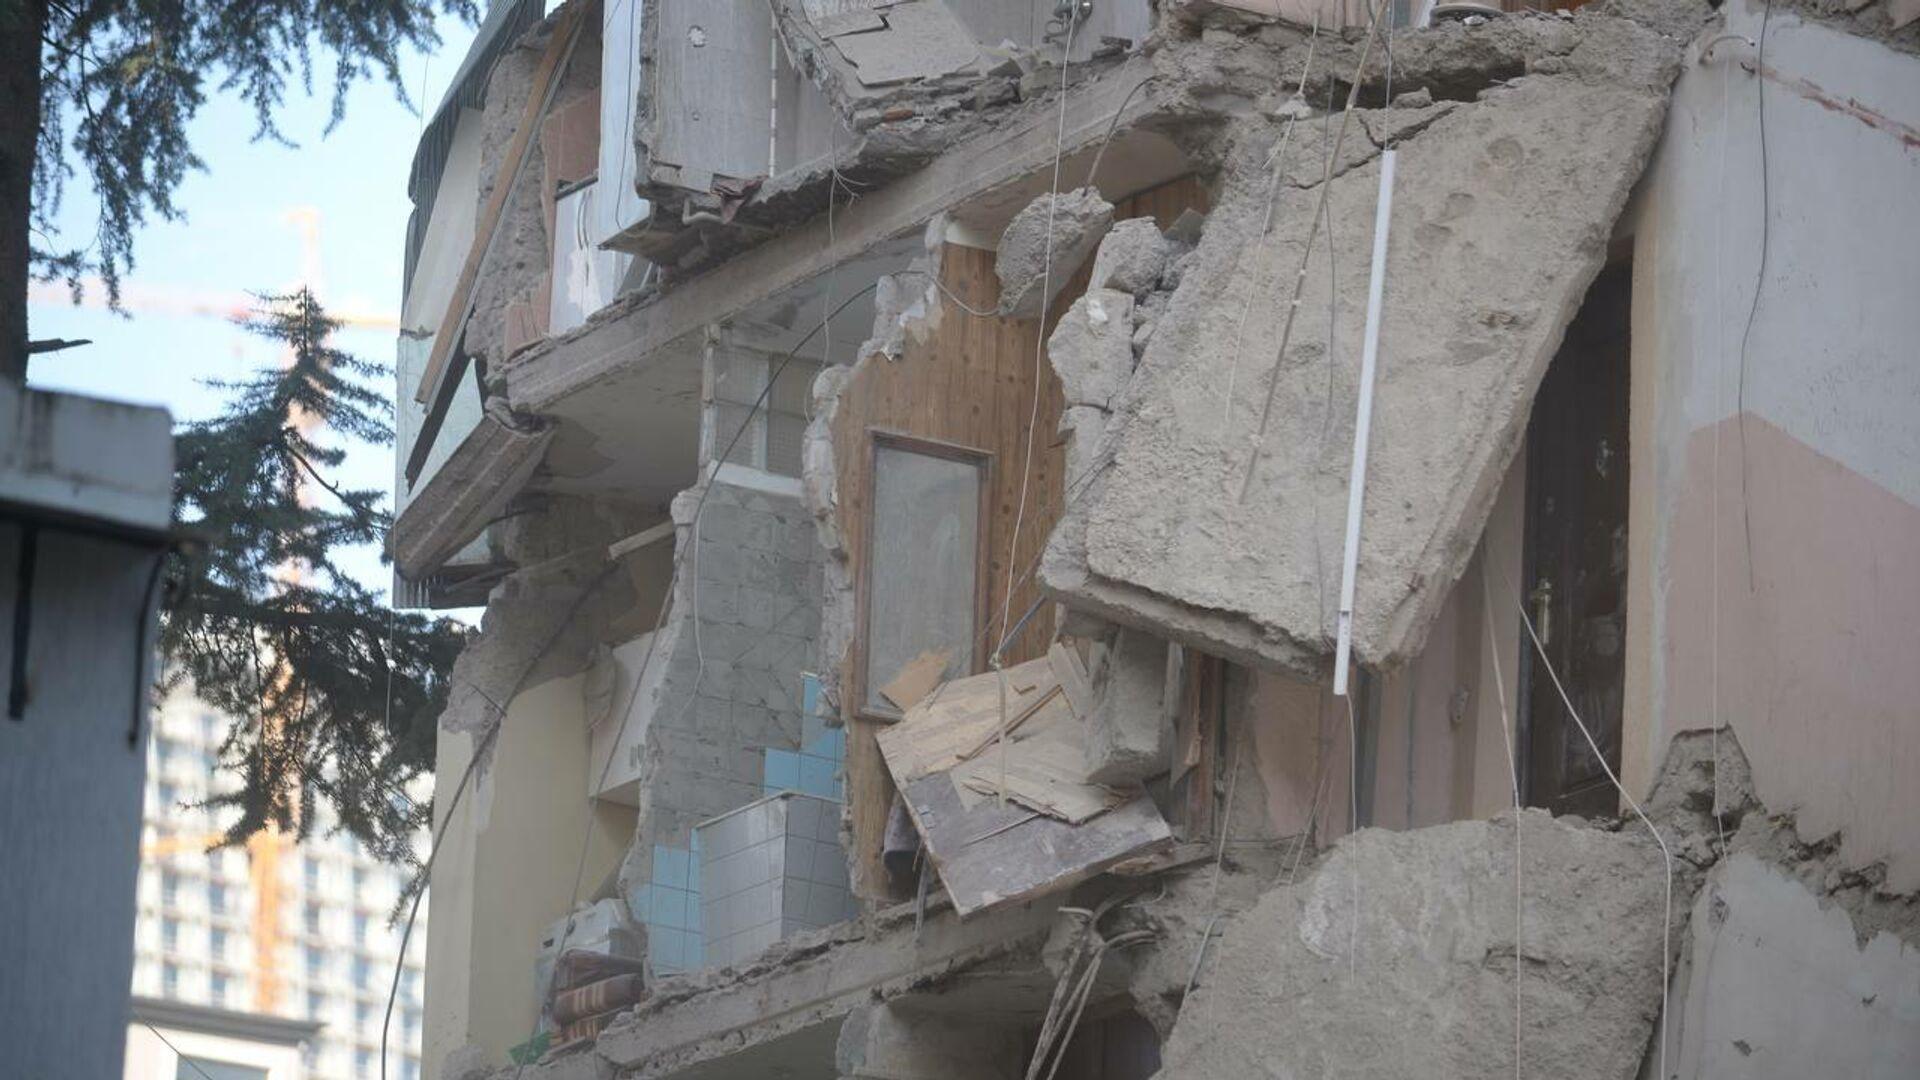 Фото с места обрушения подъезда жилого дома в Батуми. Разрушенное здание - Sputnik Грузия, 1920, 09.10.2021